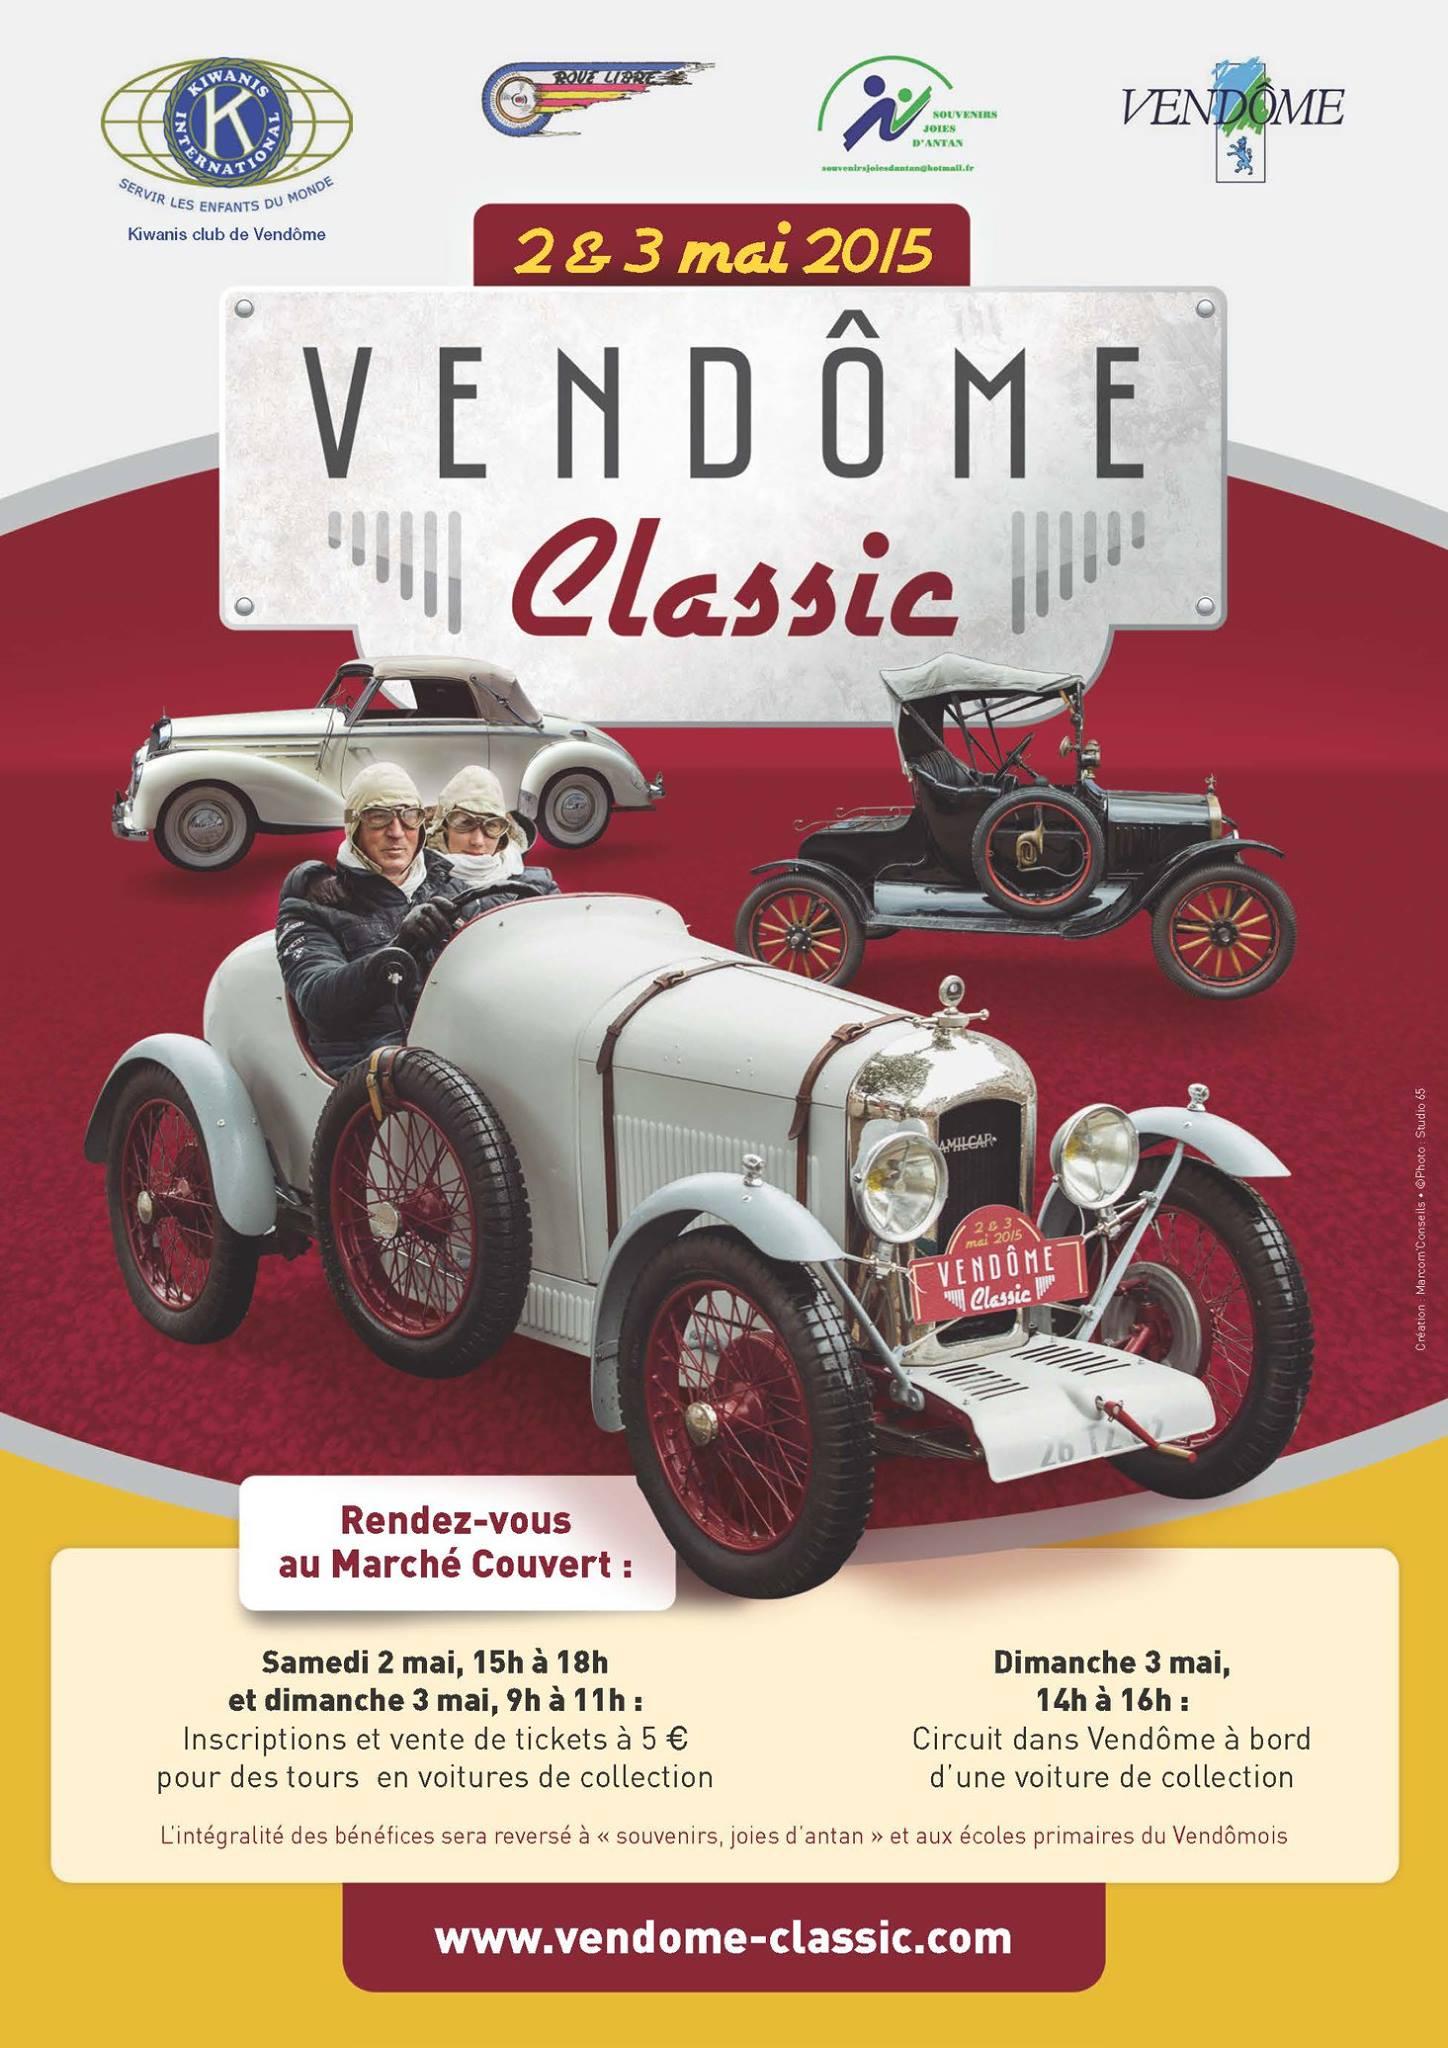 VendomeClassic